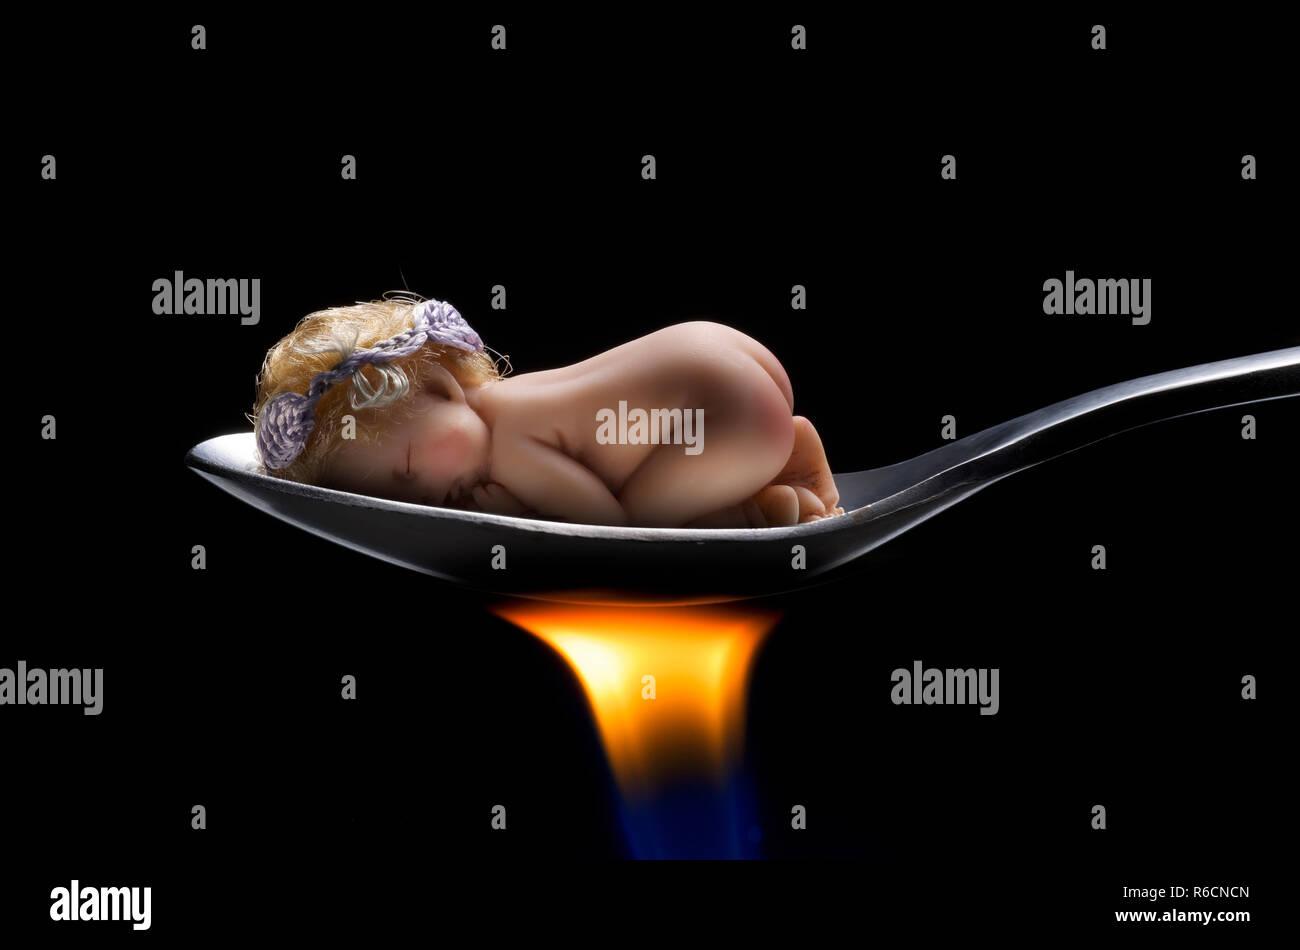 Baby asleep on spoon over burning flame - Stock Image